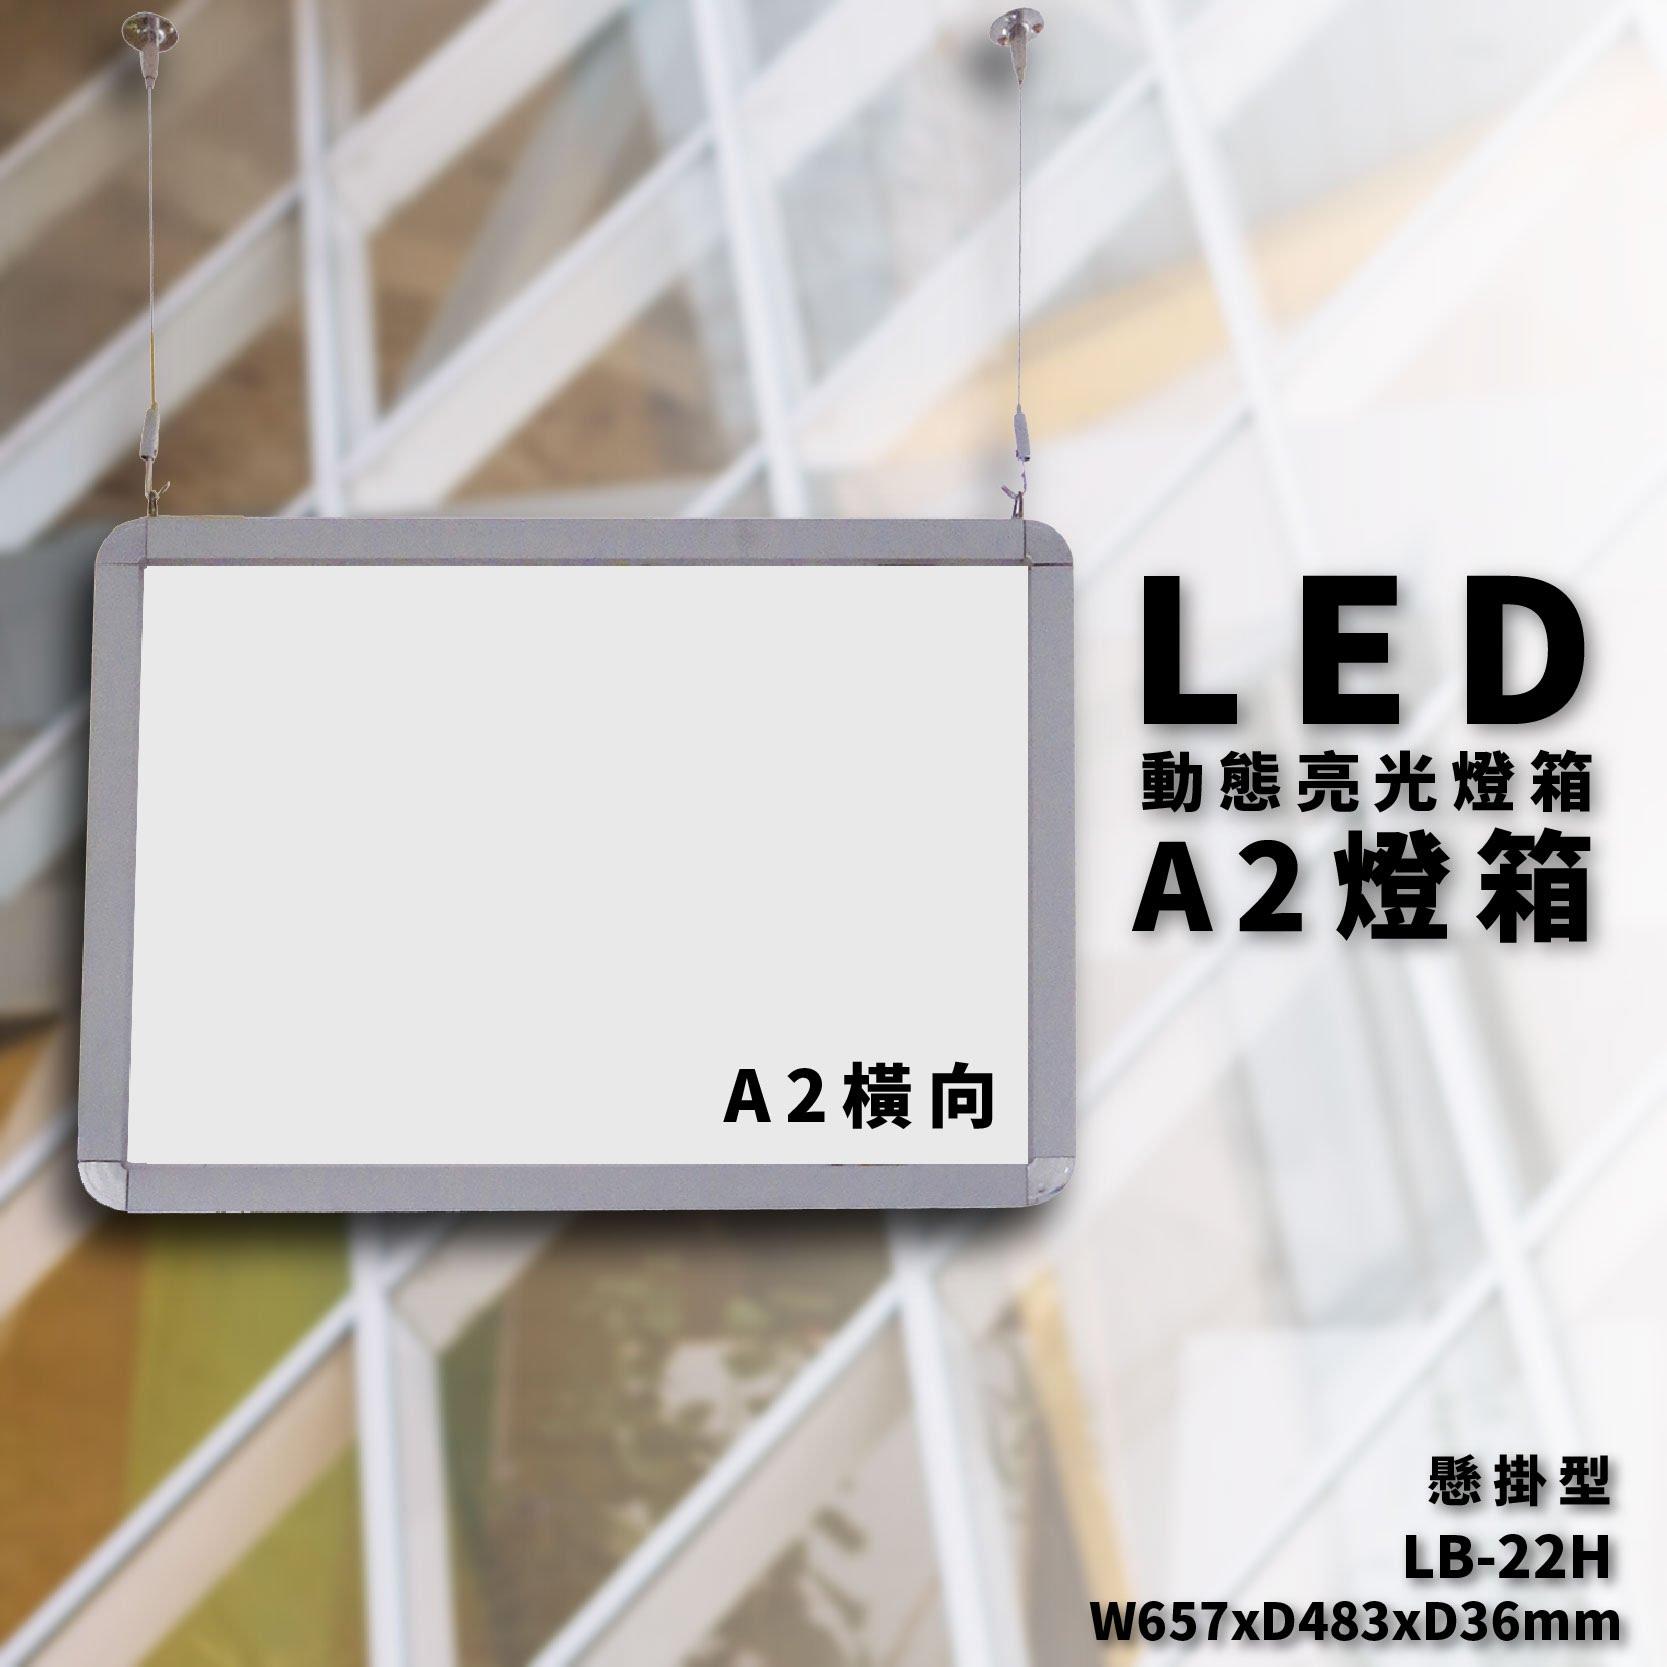 多用途展示~LED動態亮光雙面燈箱(A2橫向) 懸掛型 LB-22H 含配件 另有直向款 看板 告示牌 指示牌 指標